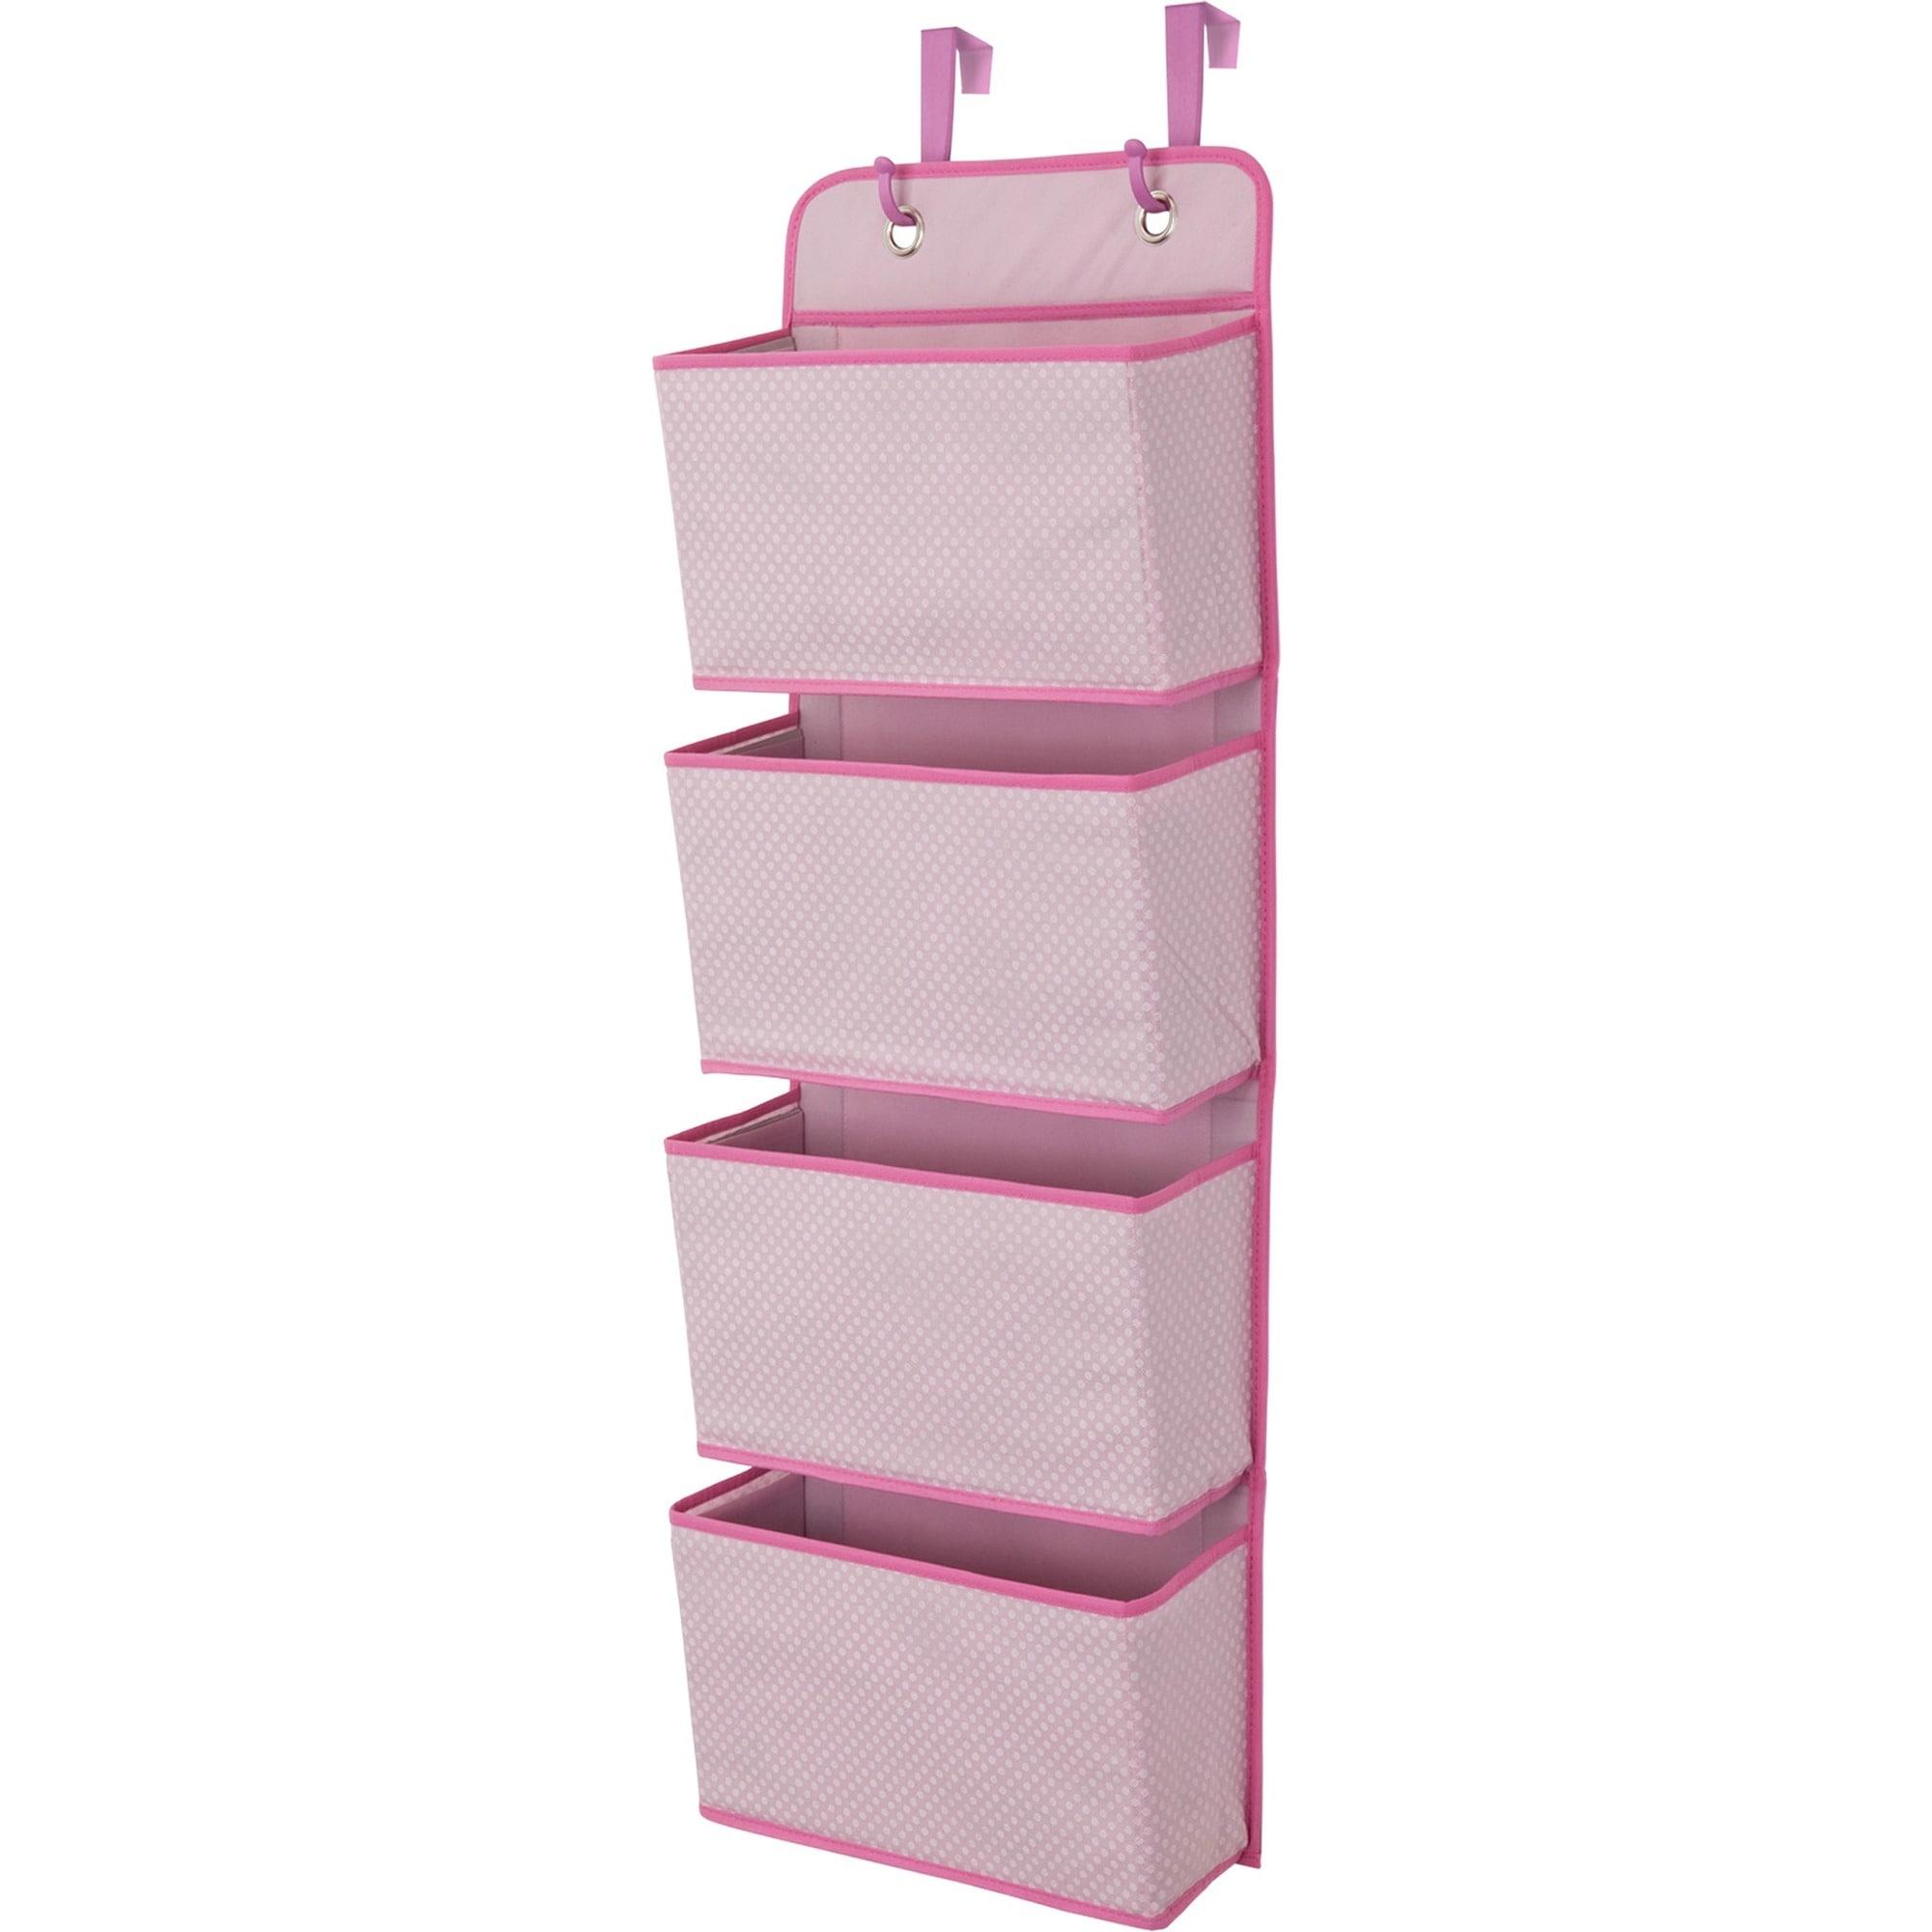 Delta Children 4-Pocket Organizer, Barley (Brown) Pink